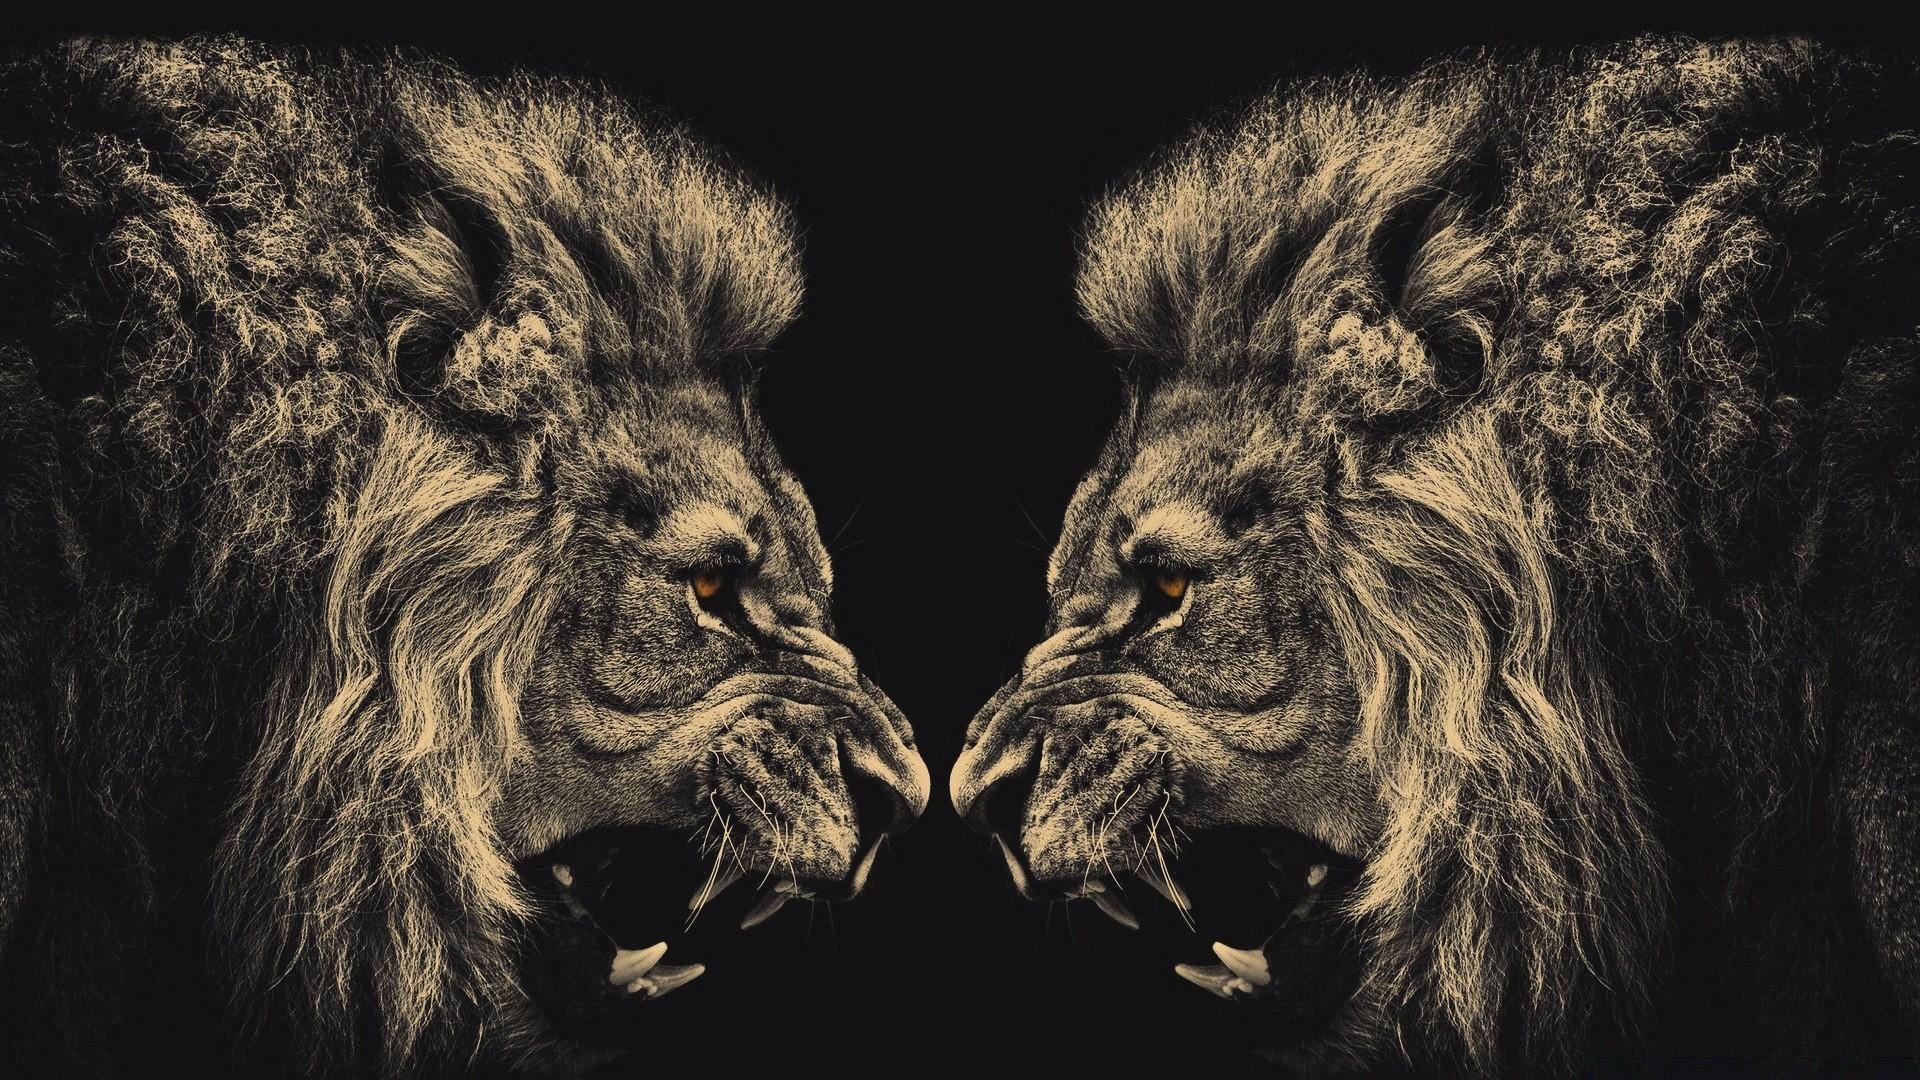 Фото черно белое львы 3